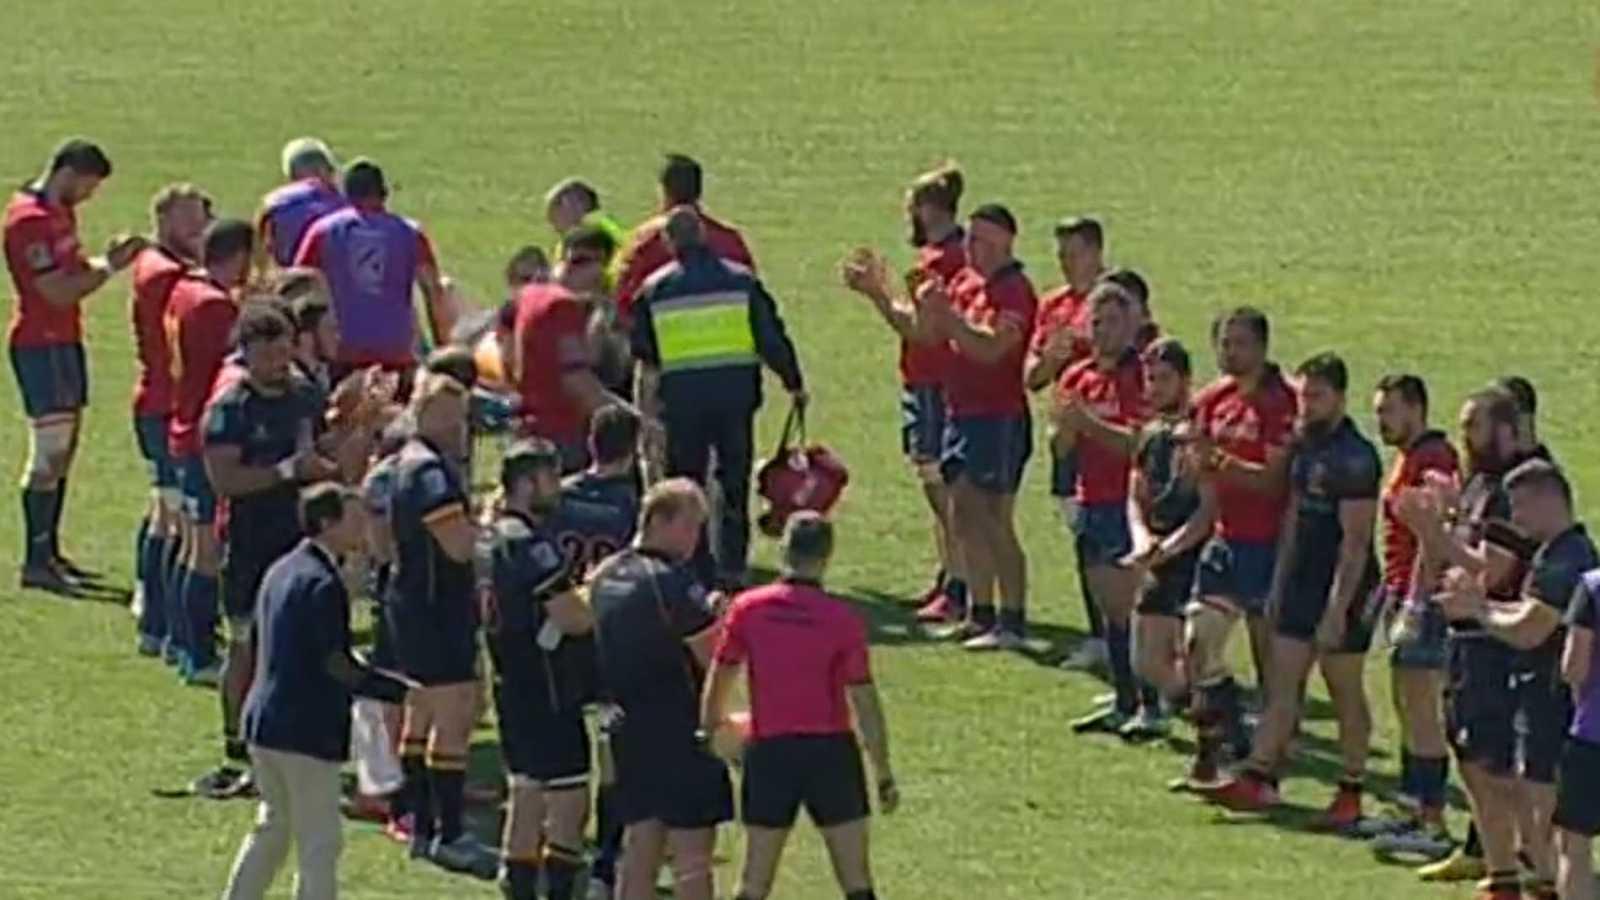 Lección de deportividad en el rugby ante la lesión de un rival